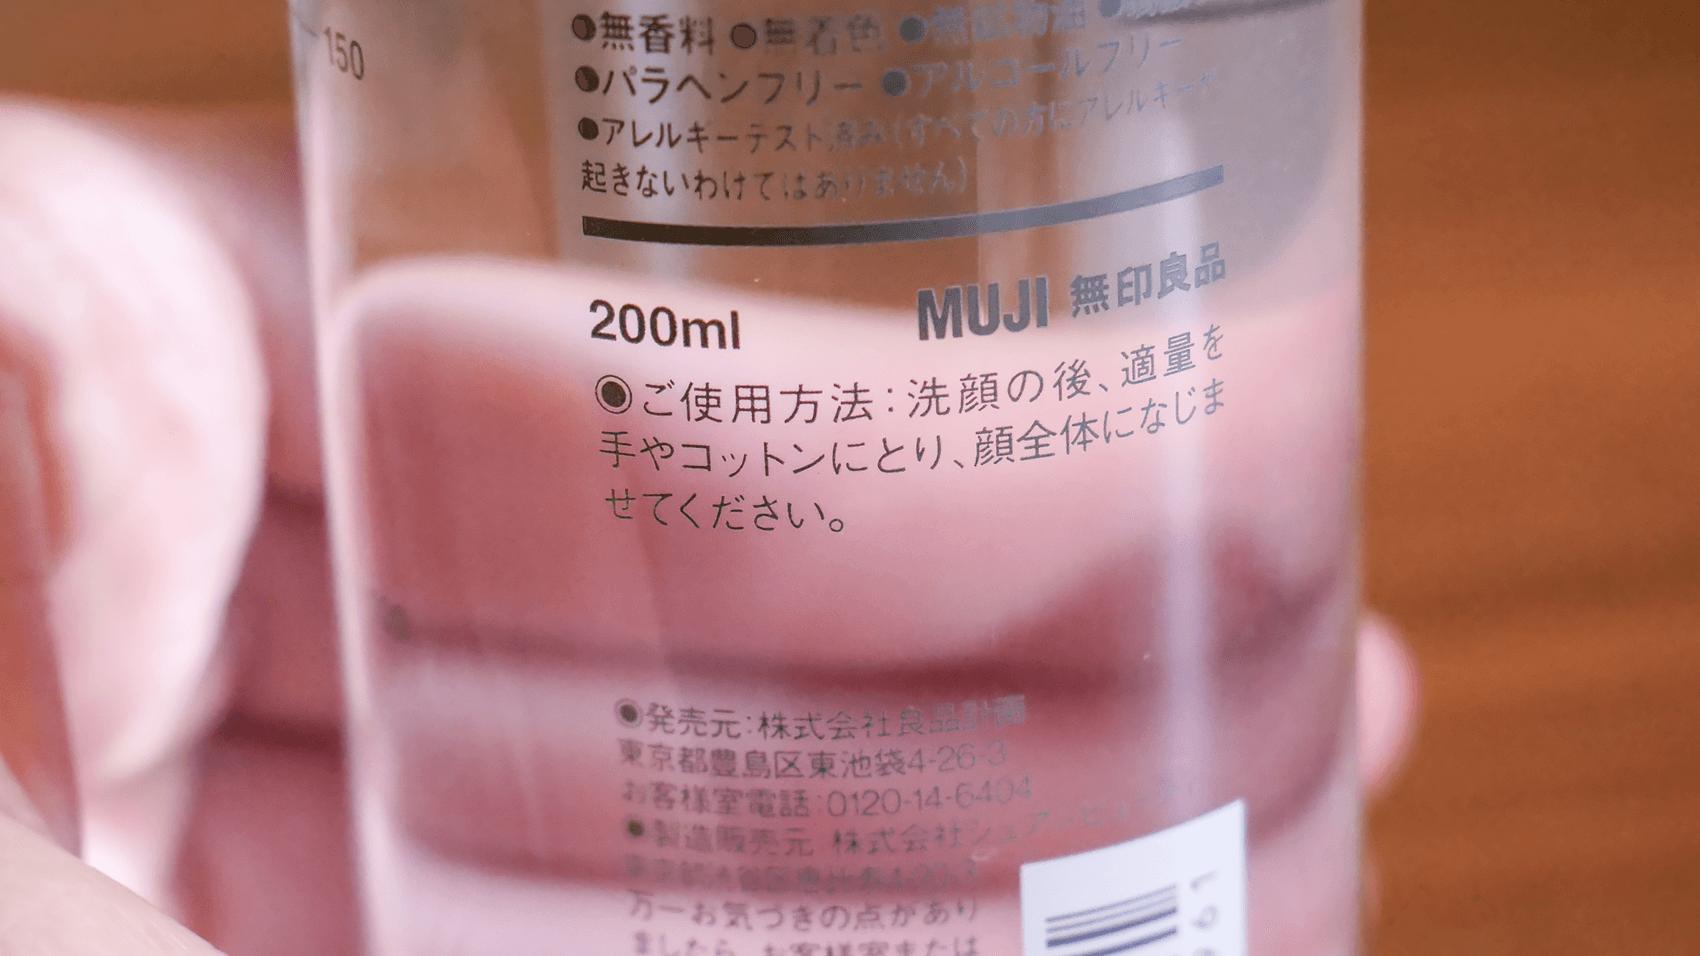 化粧水 高保湿タイプのご使用方法